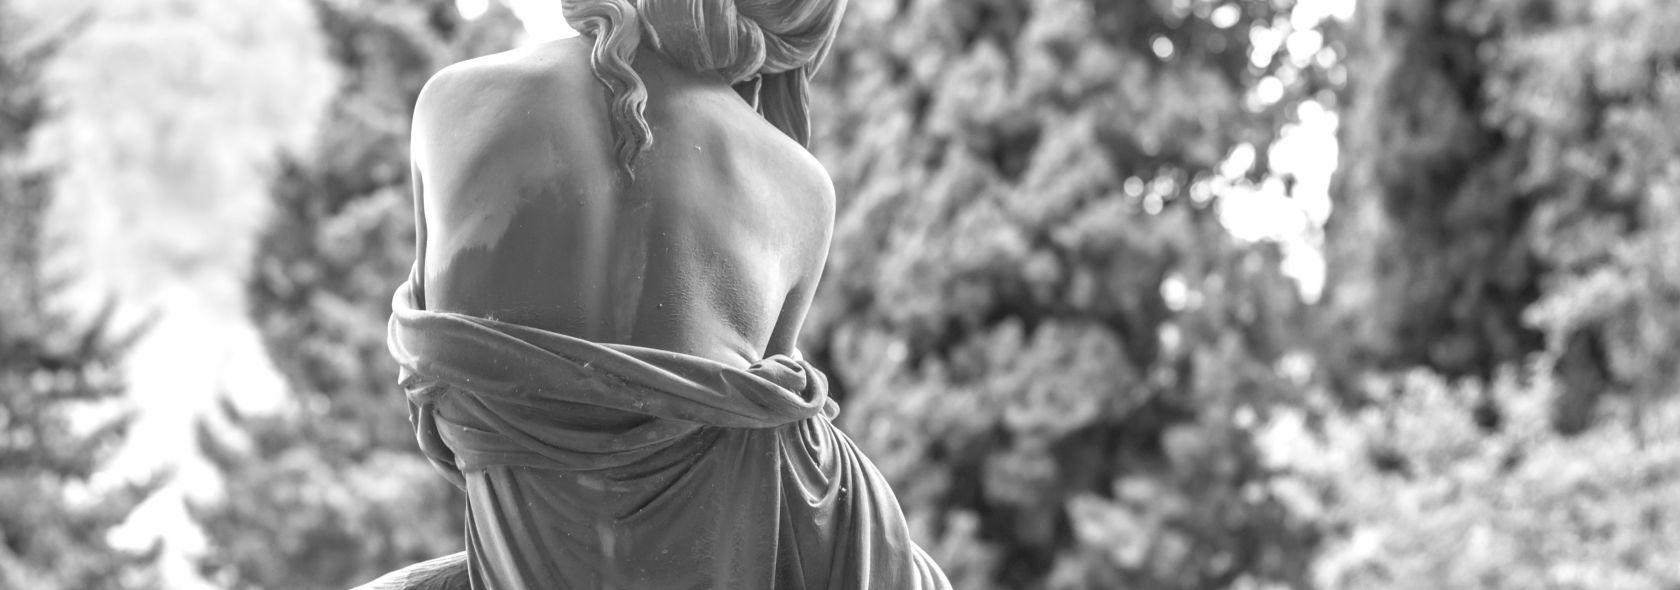 Monumental Cemetery of Staglieno - Adobe Stock - Liguria Digitale